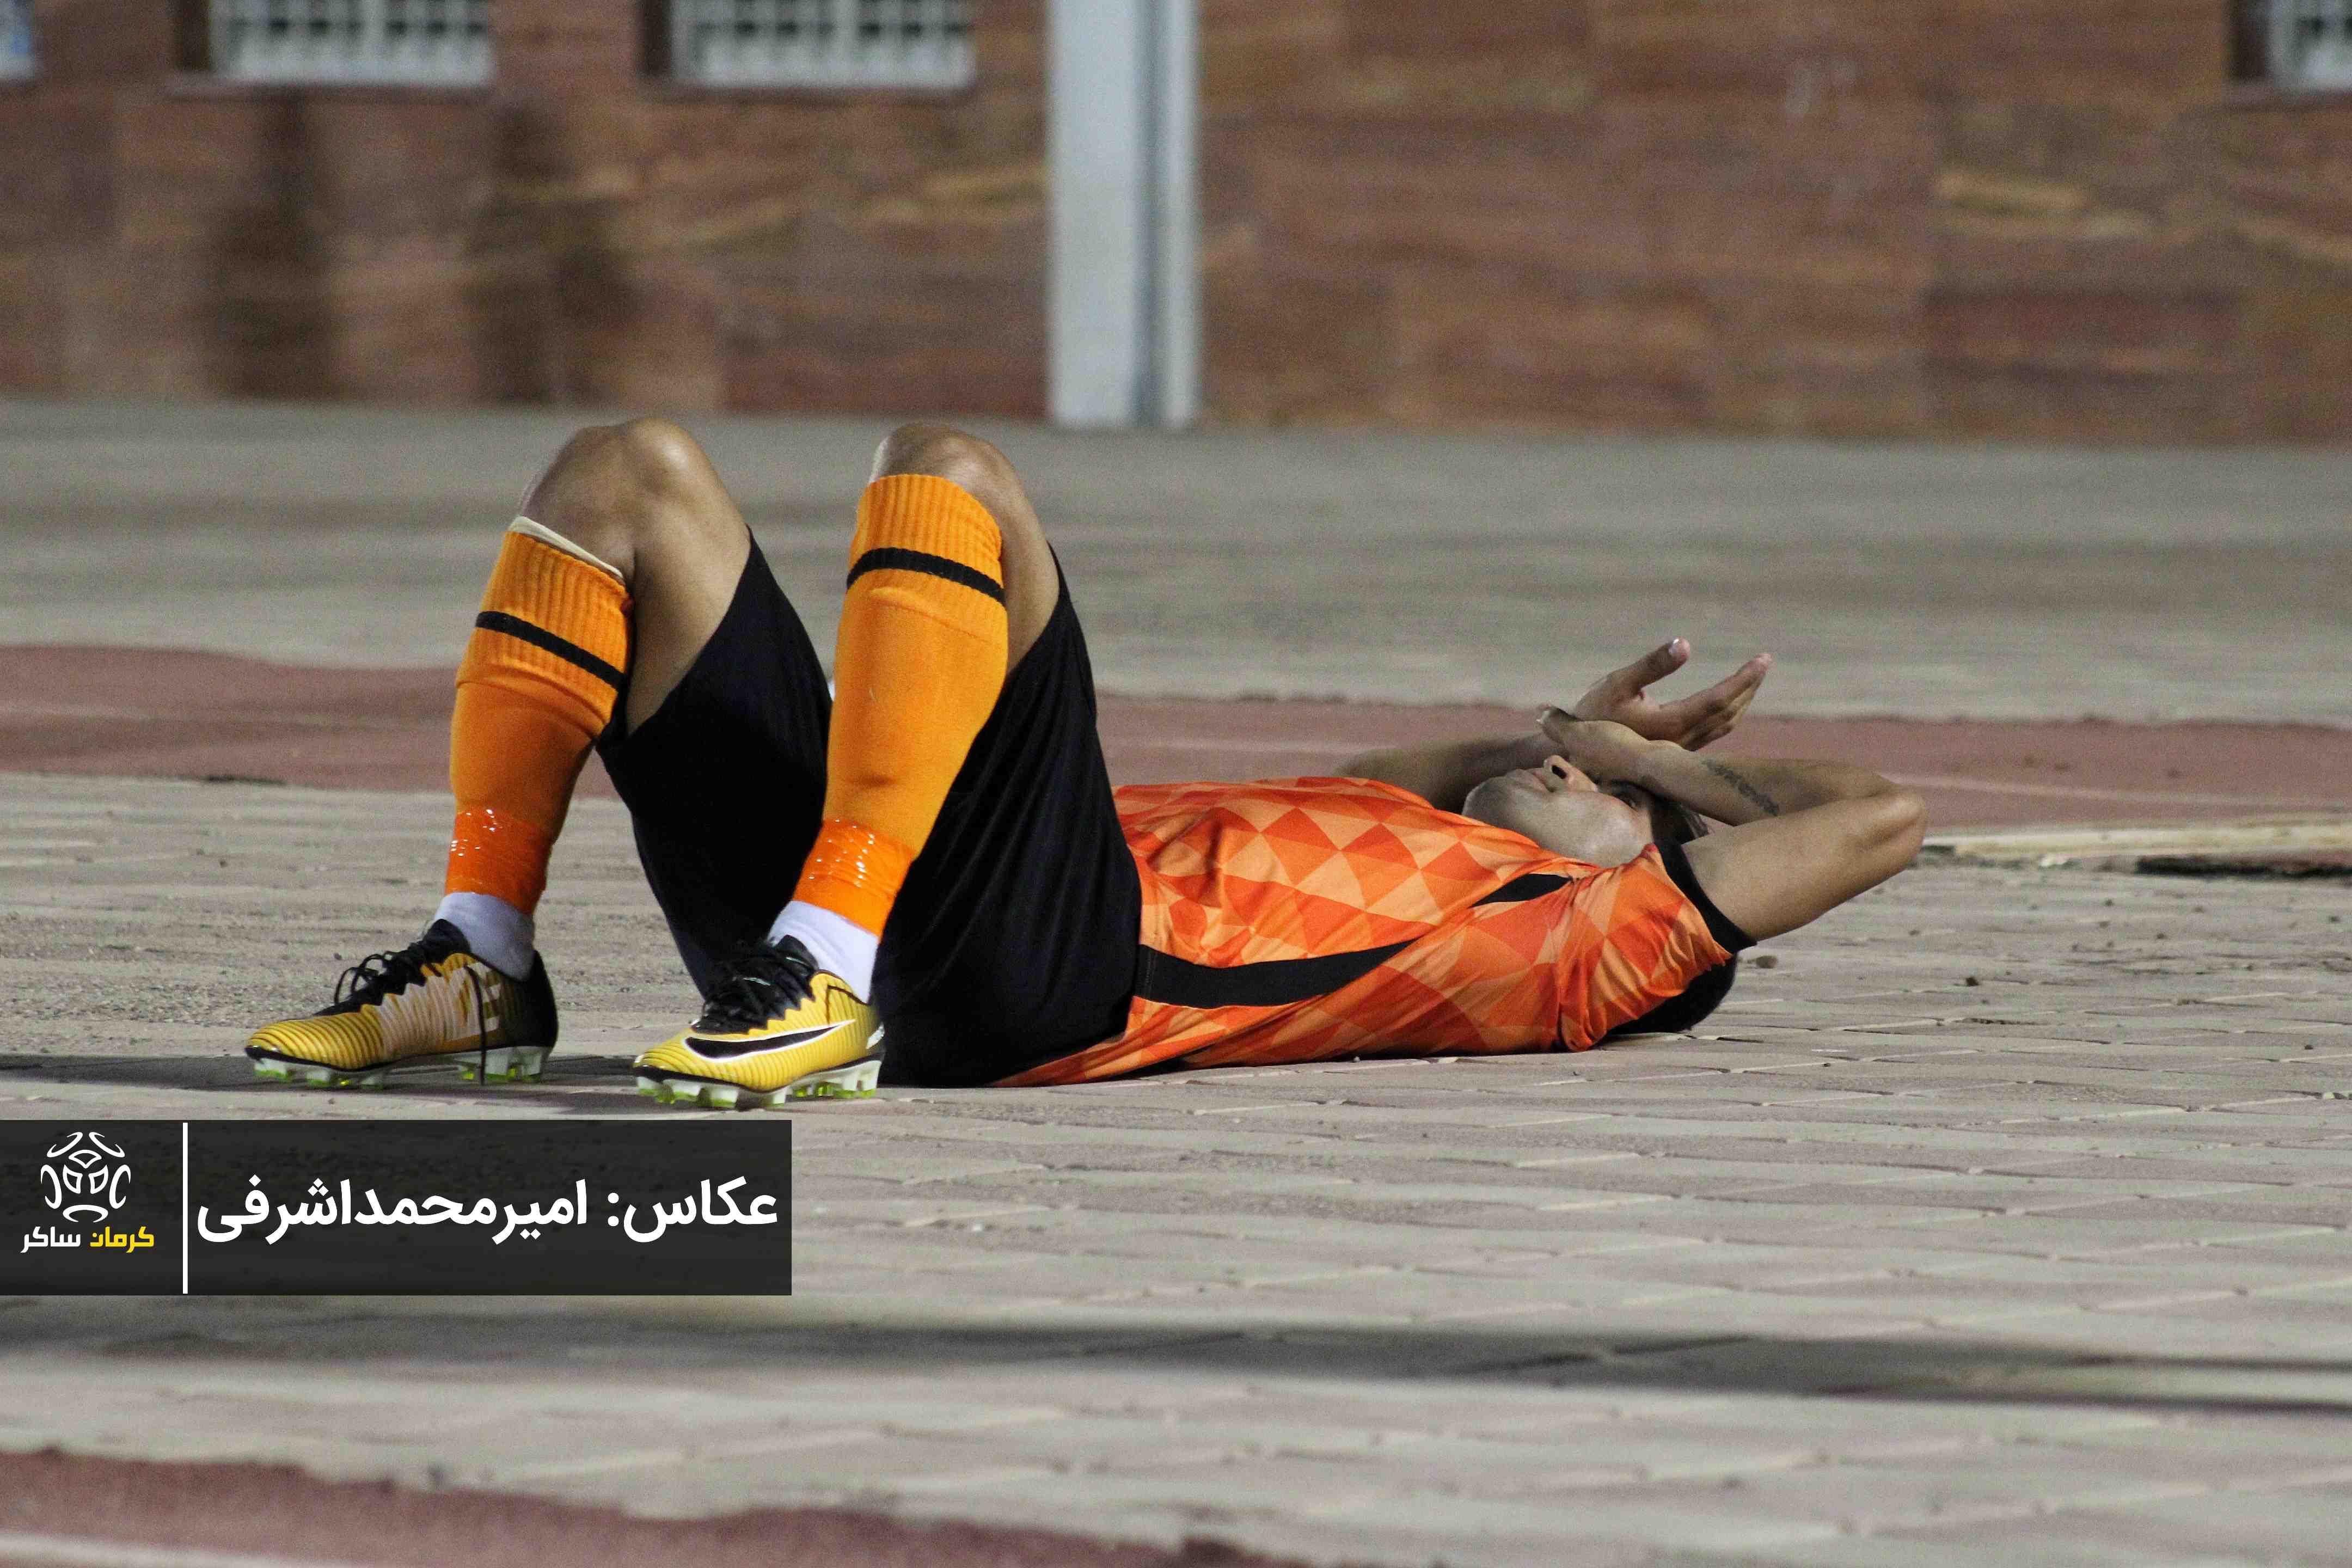 گزارش تصویری: هفته سی و سوم لیگ دسته اول فوتبال کشور/مس کرمان - هوادار تهران از نگاه دوربین امیرمحمداشرفی